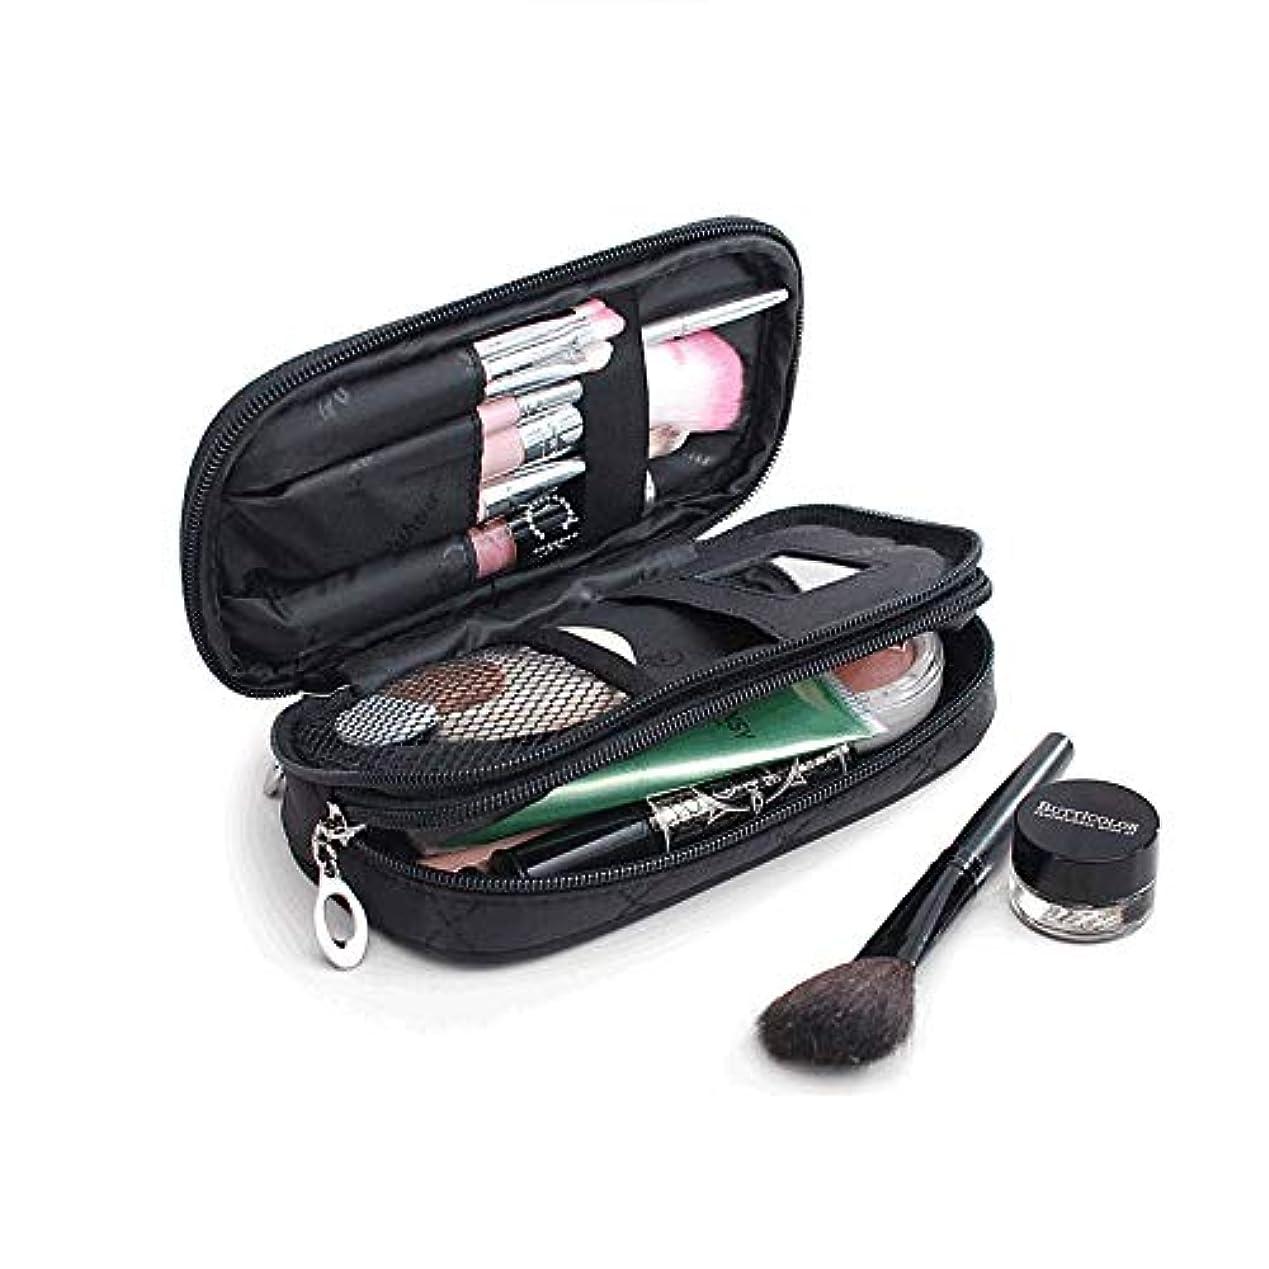 ローマ人イーウェル免疫するサントレード 化粧ポーチ 鏡付き メイクアップバッグ 化粧バッグ 小物入れ 収納 オーガナイザー